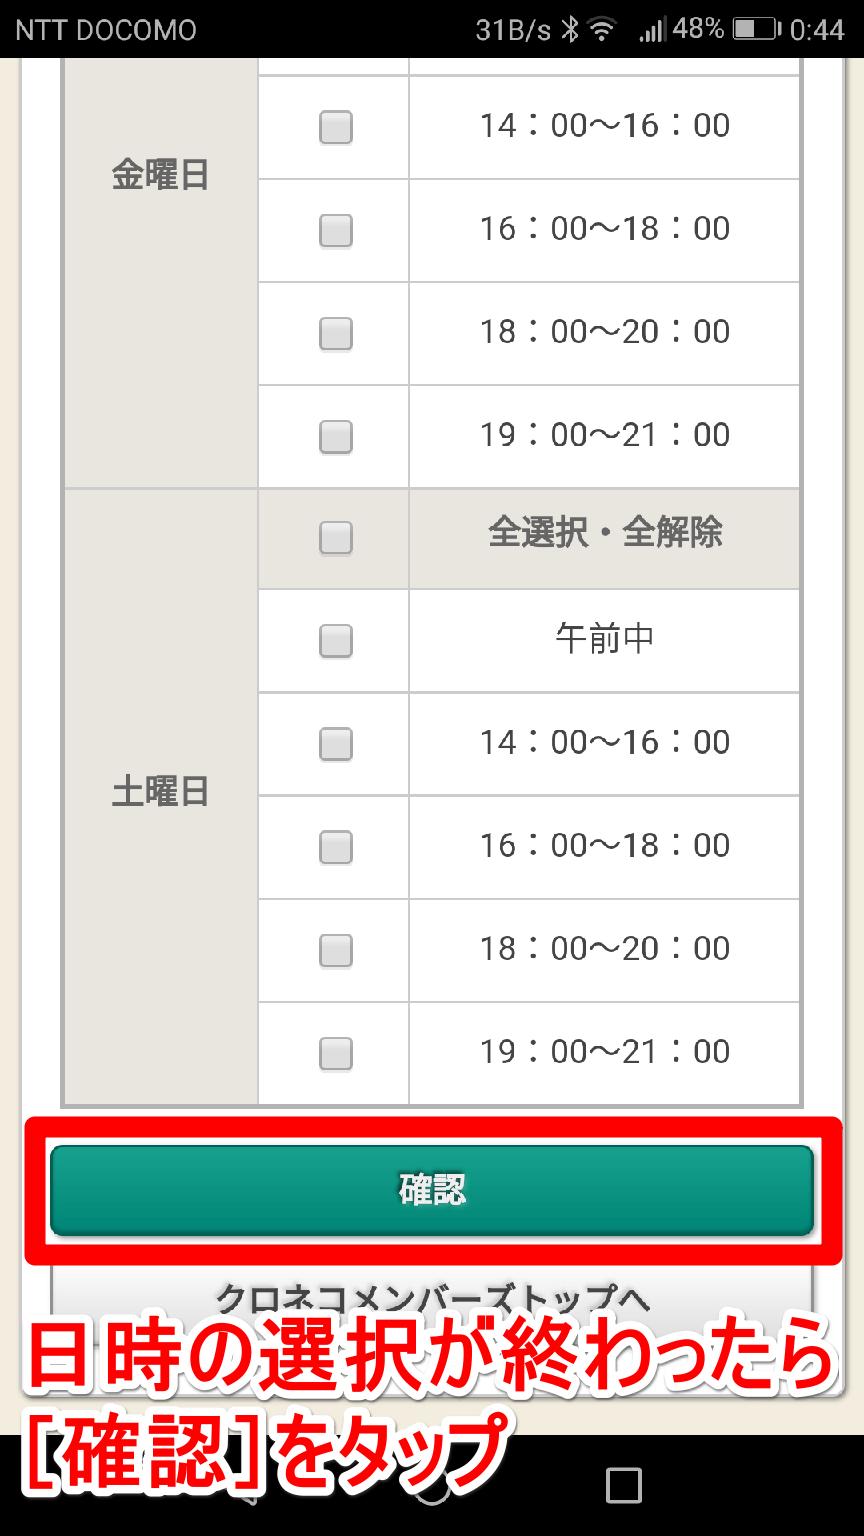 クロネコメンバーズのMyカレンダーの設定確認画面